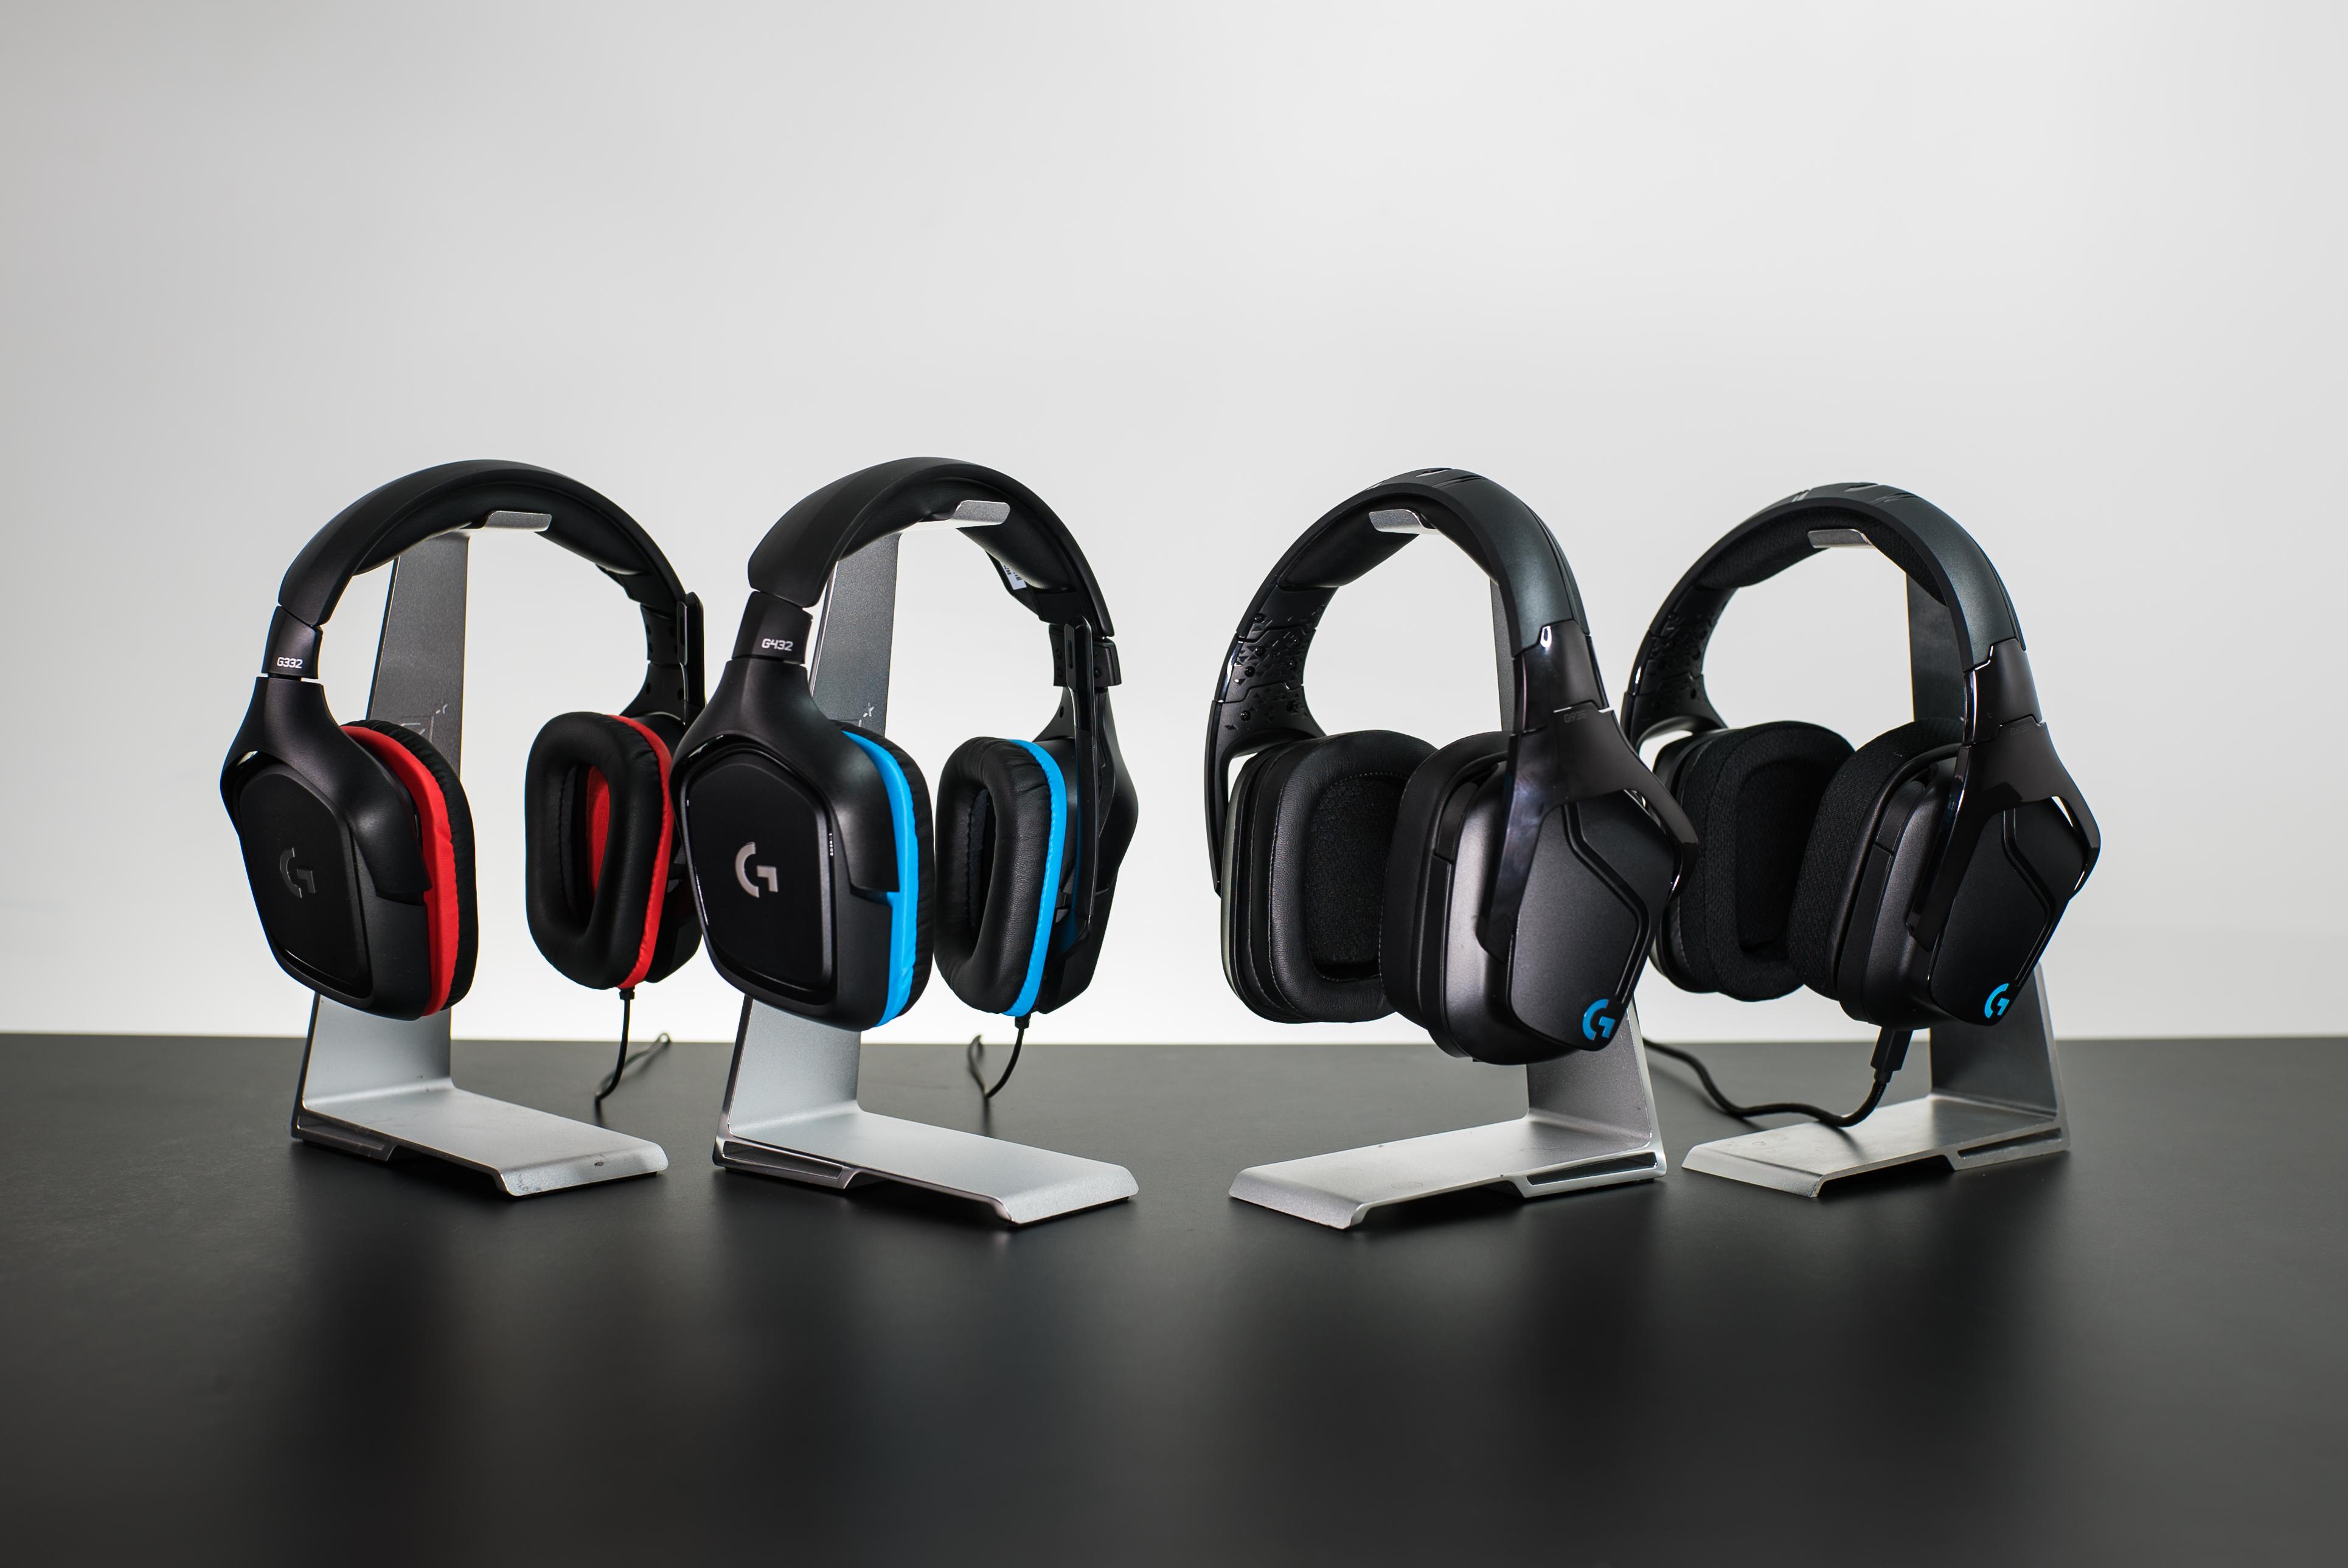 Logitech G Headset Family 2.jpg